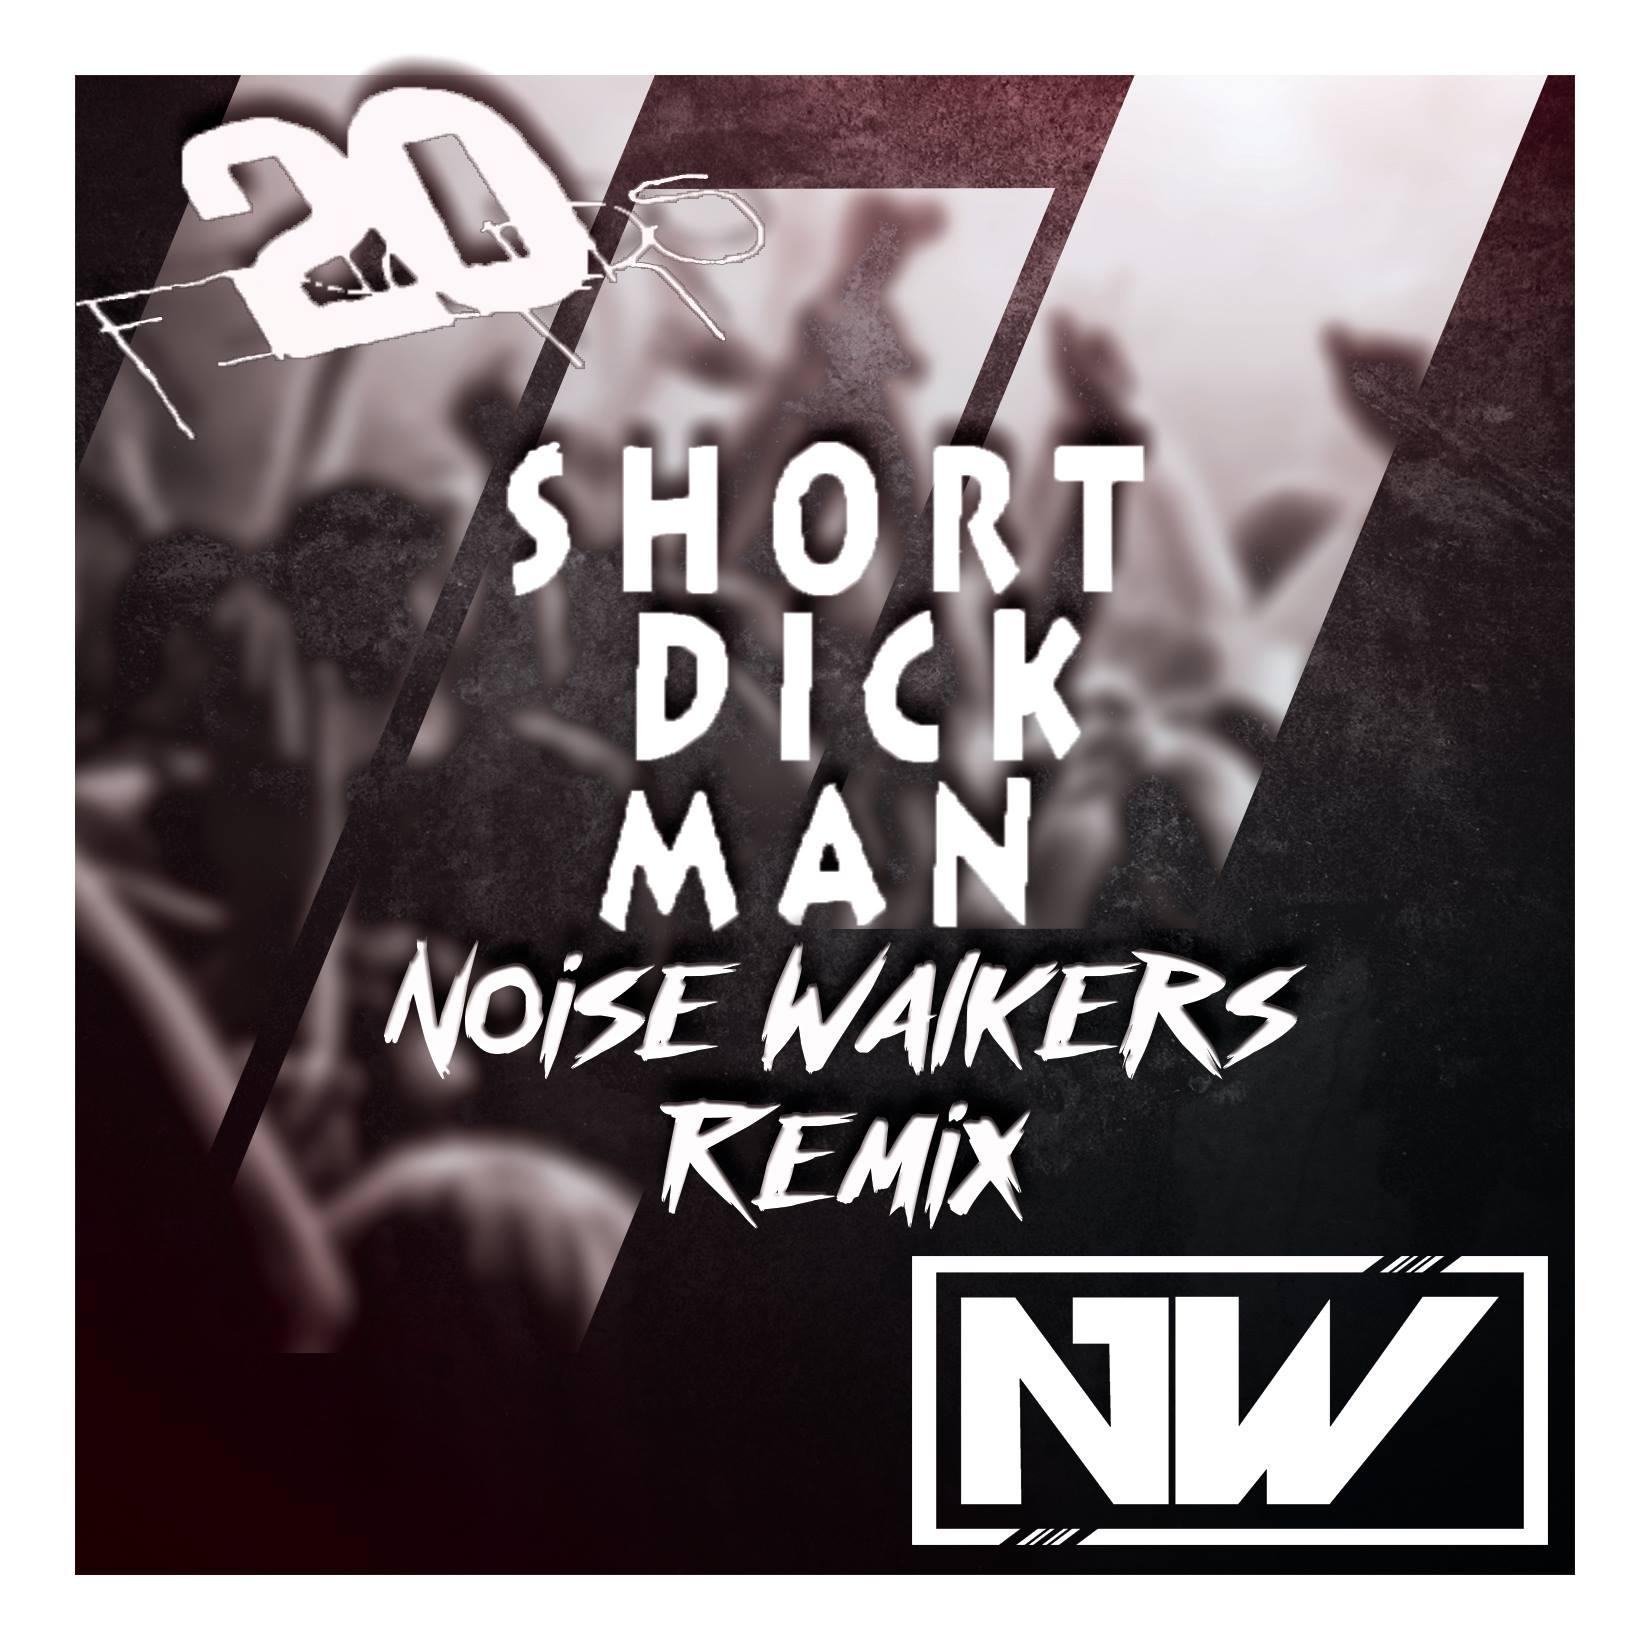 20 Fingers feat. Gillette - Short Dick Man (Noise Walkers Remix)